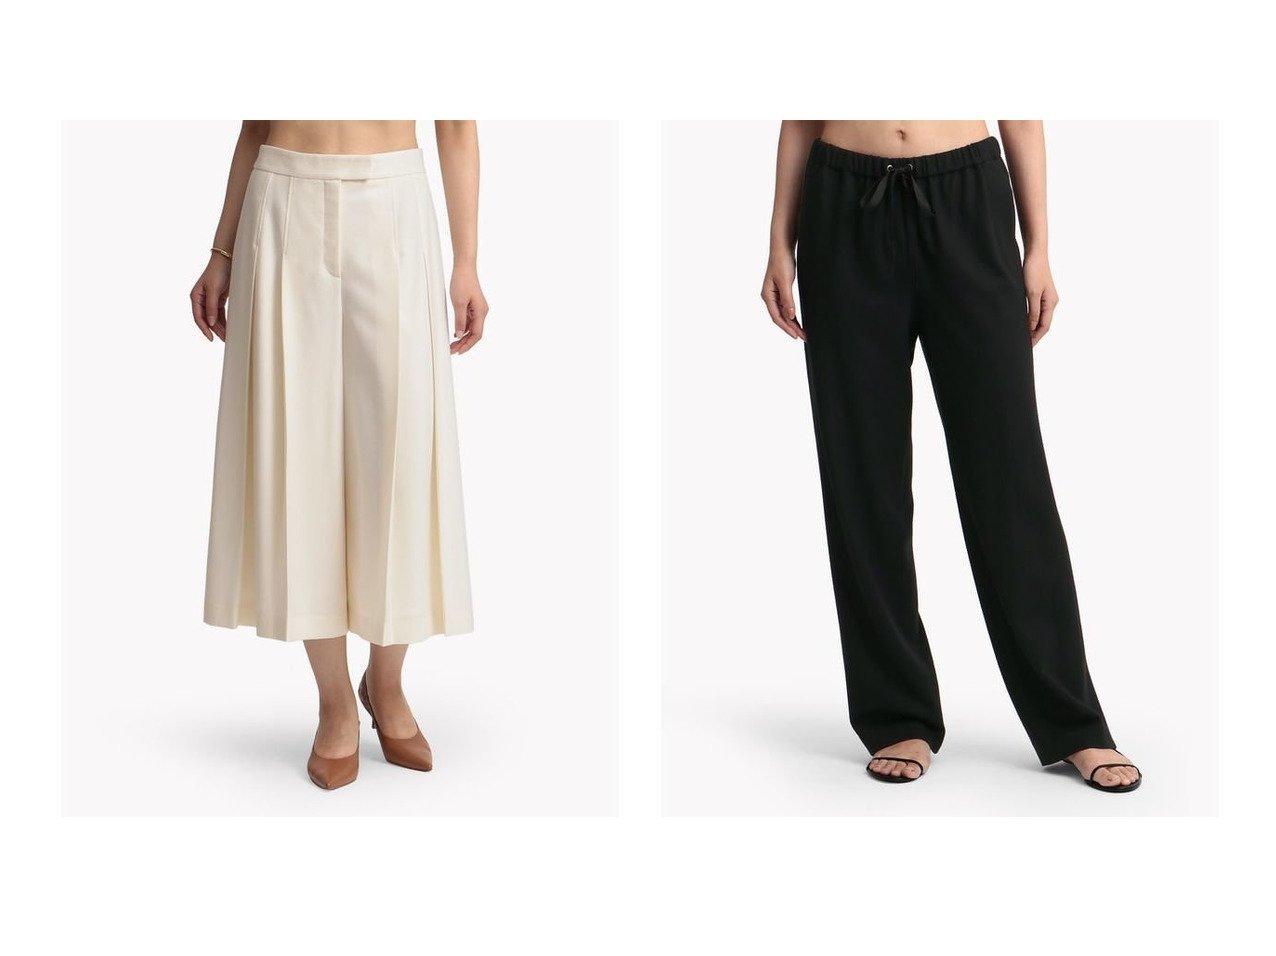 【Theory Luxe/セオリーリュクス】のパンツ TOTEM BELLIP&パンツ SAXONY SOFT POPAN パンツのおすすめ!人気、トレンド・レディースファッションの通販 おすすめで人気の流行・トレンド、ファッションの通販商品 メンズファッション・キッズファッション・インテリア・家具・レディースファッション・服の通販 founy(ファニー) https://founy.com/ ファッション Fashion レディースファッション WOMEN パンツ Pants バッグ Bag ドレープ ファブリック フロント カシミヤ ジャージー パジャマ フィット |ID:crp329100000014962